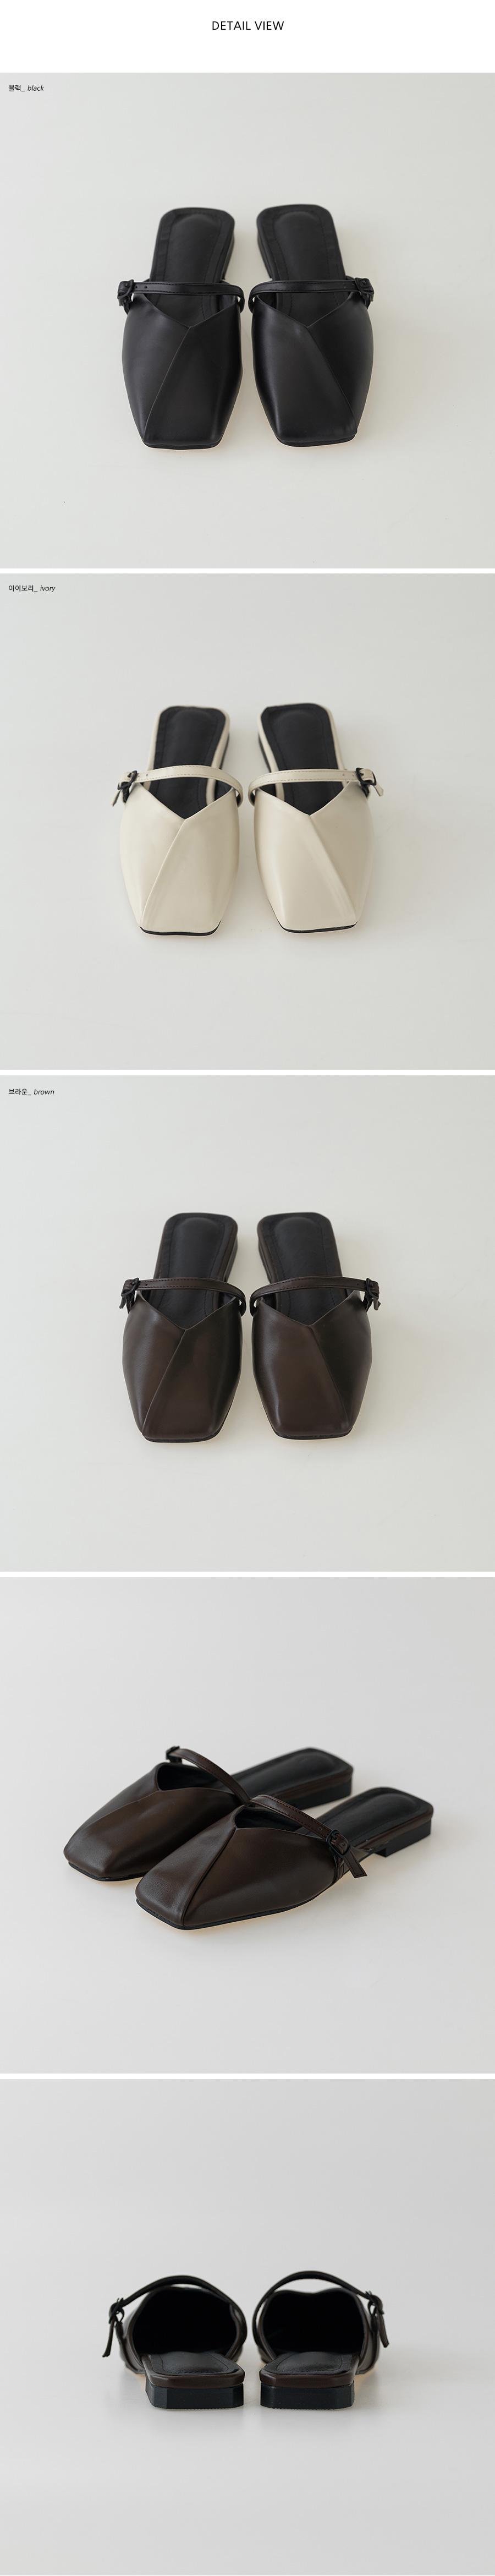 square shape shoes